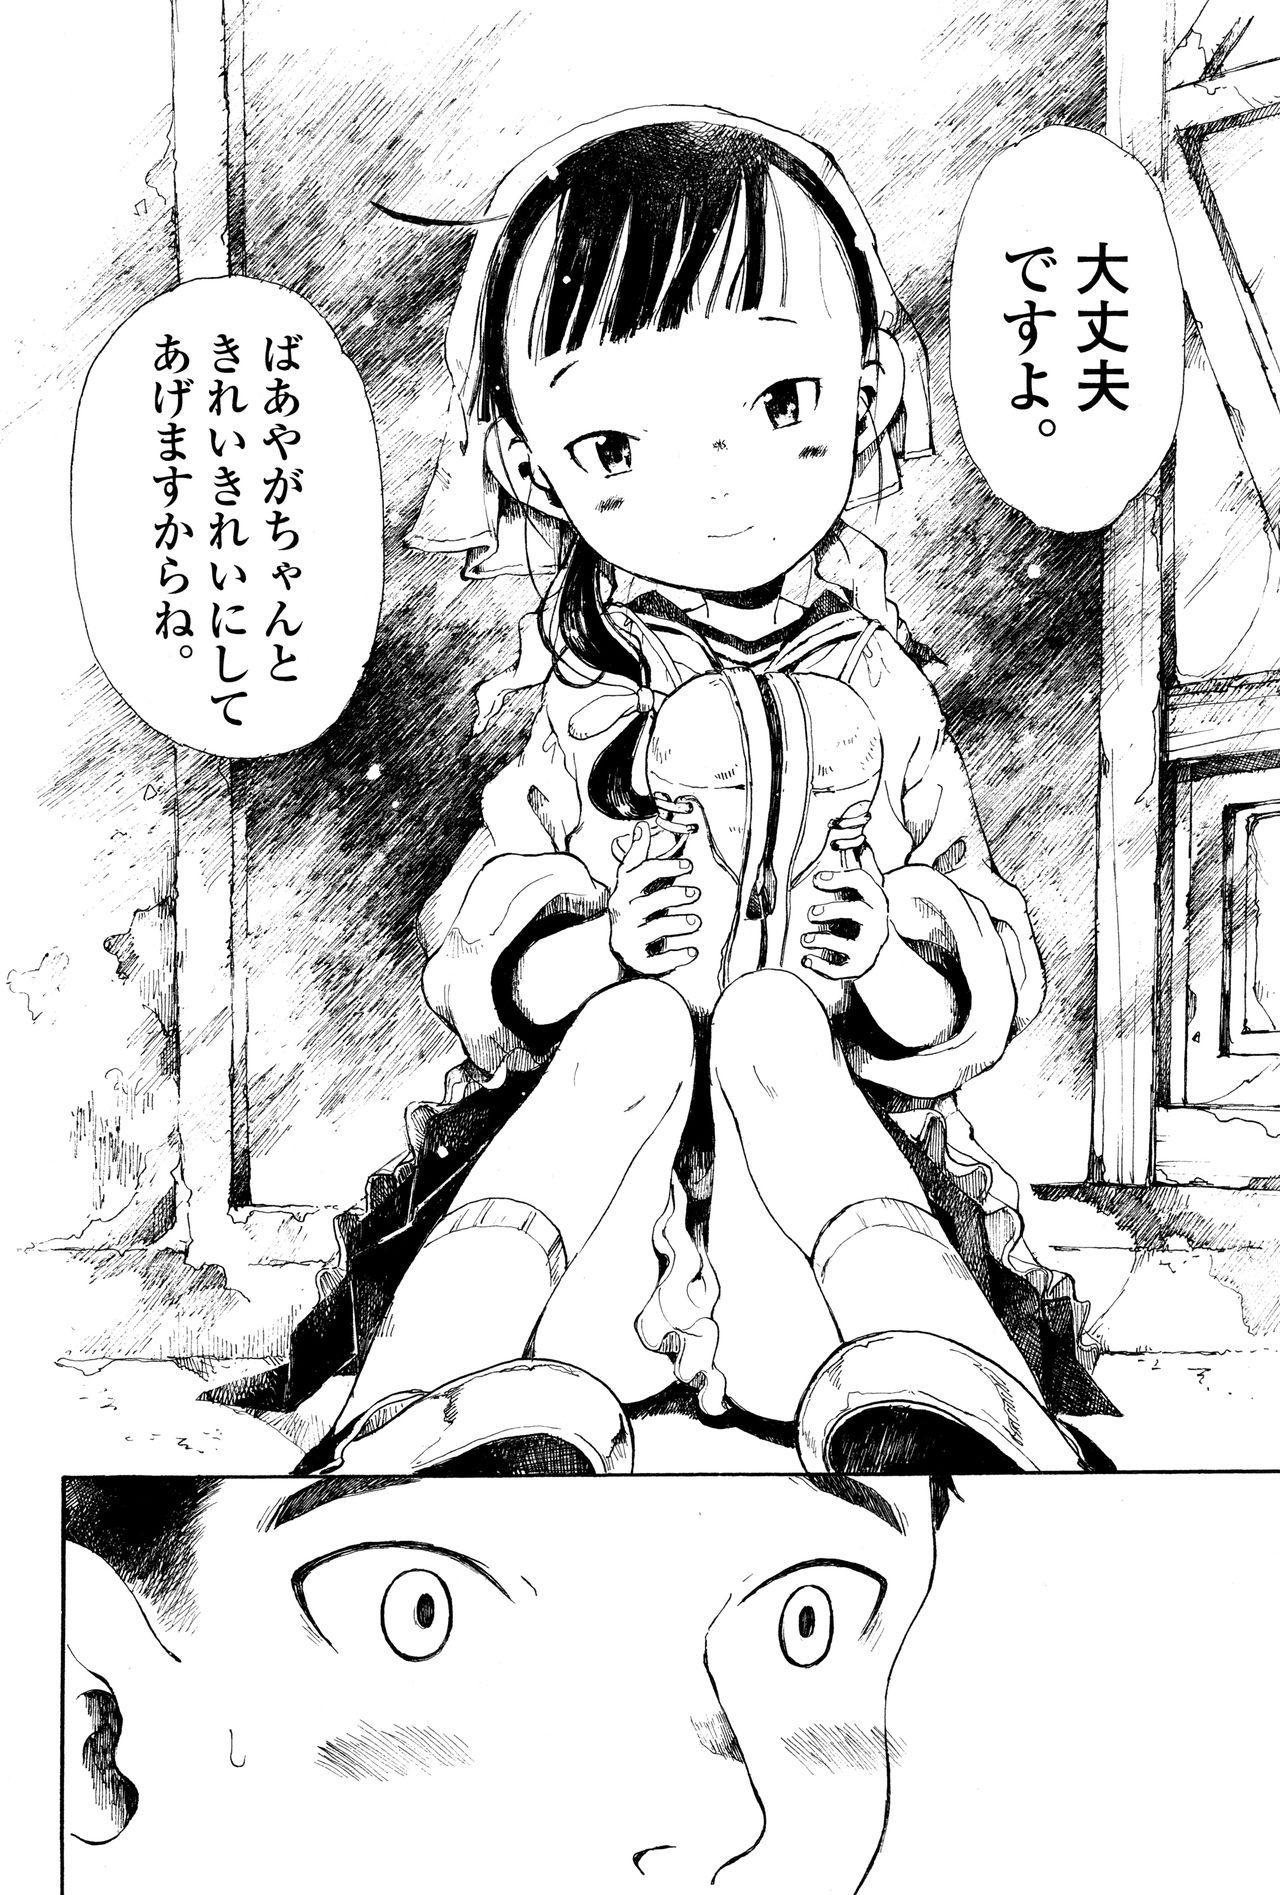 Towako Ichi 387